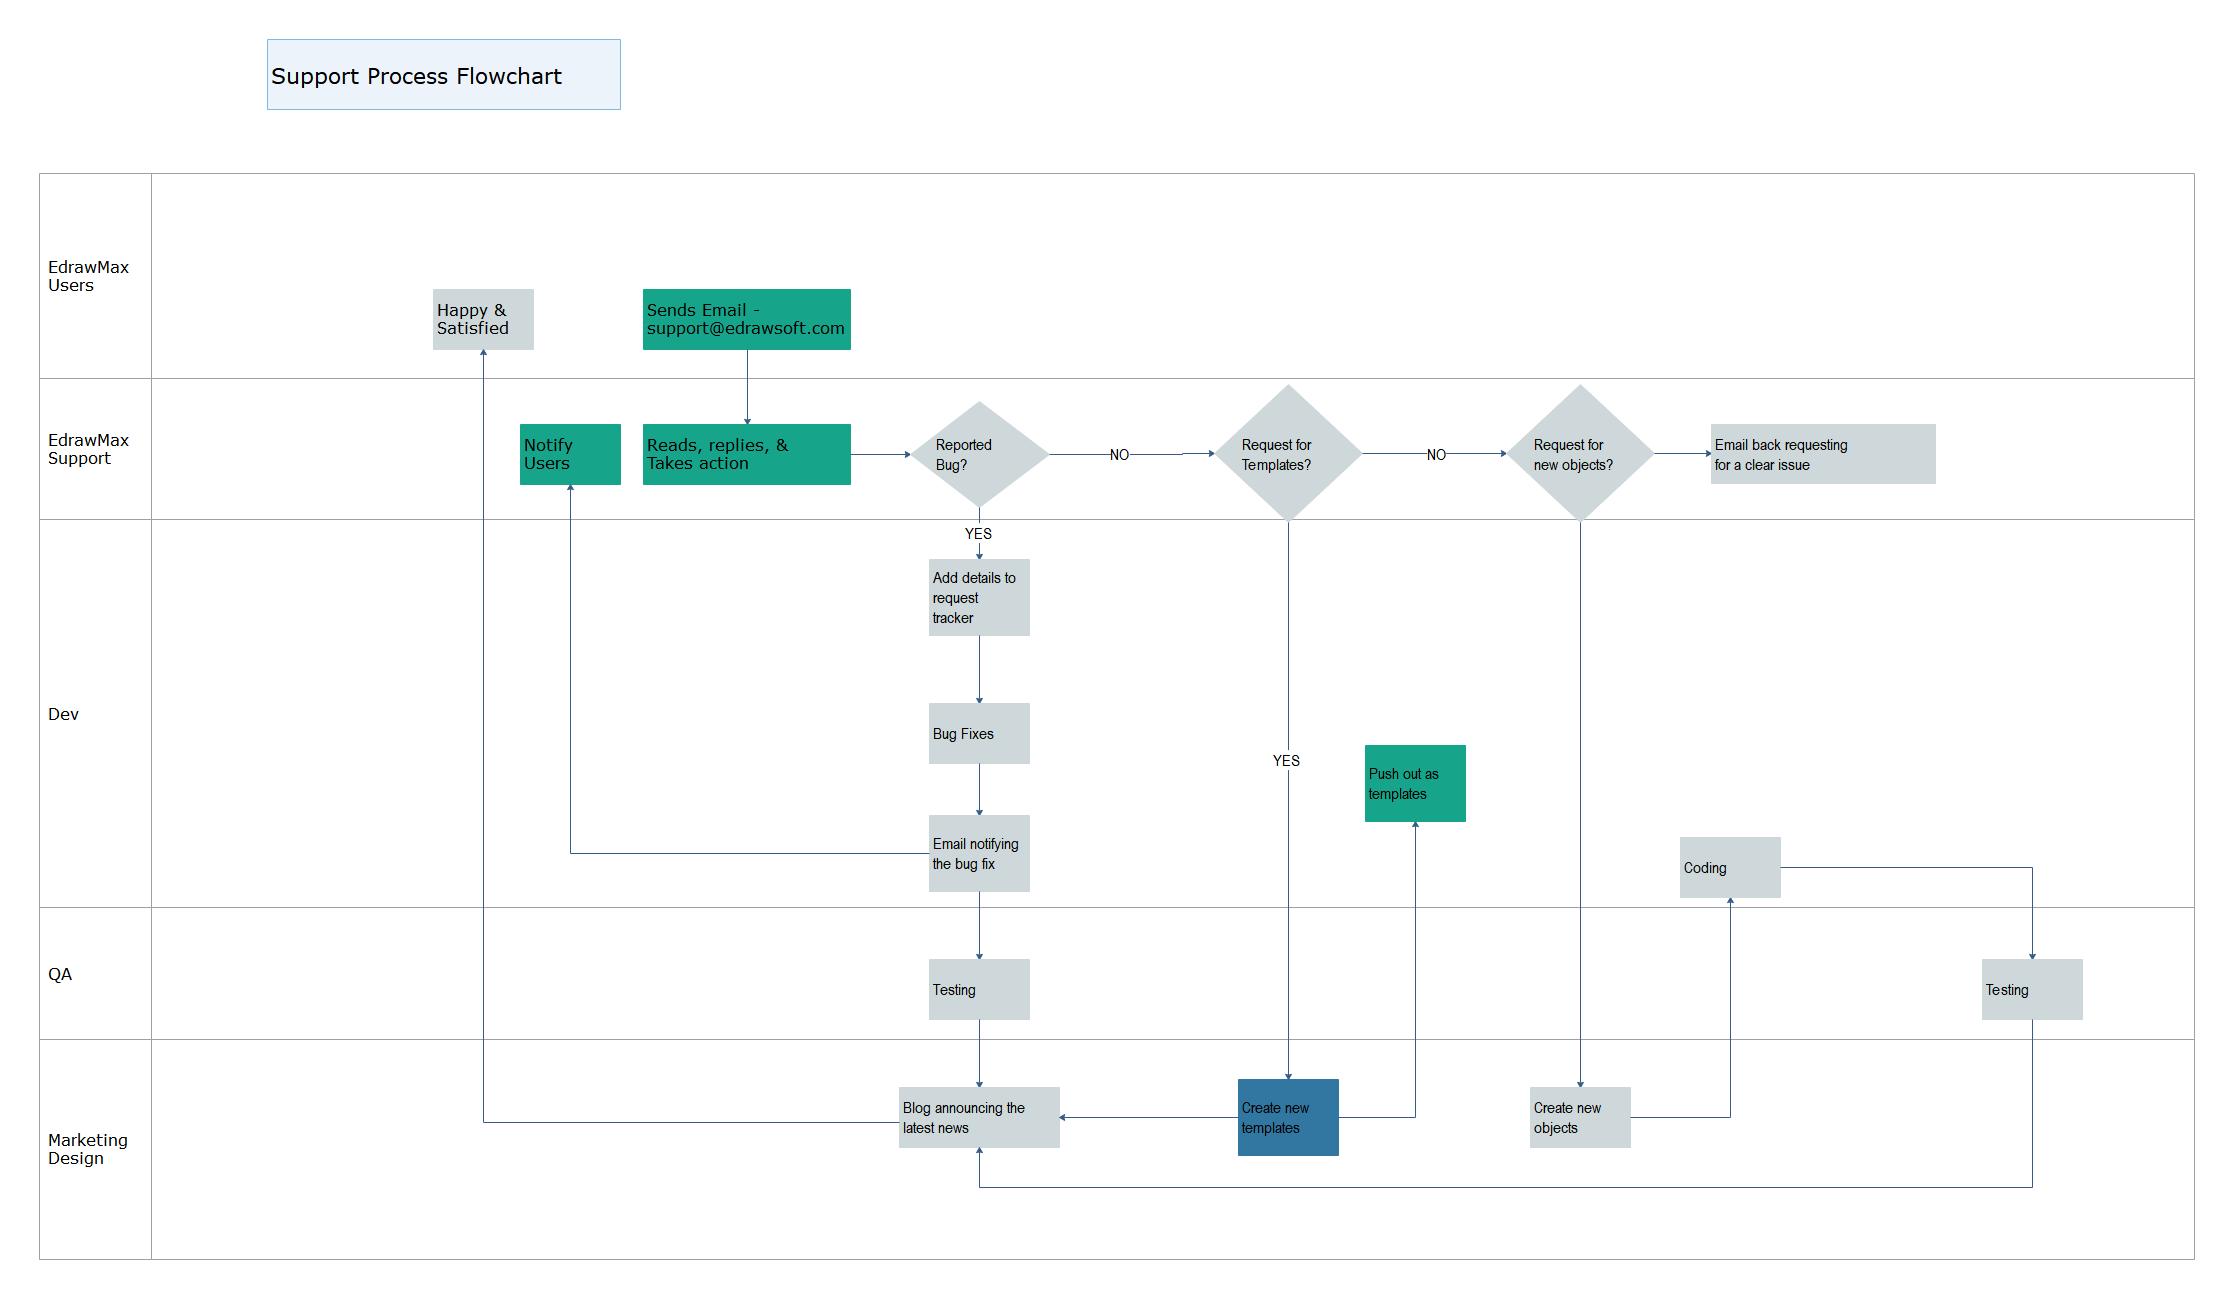 Support Process Flowchart